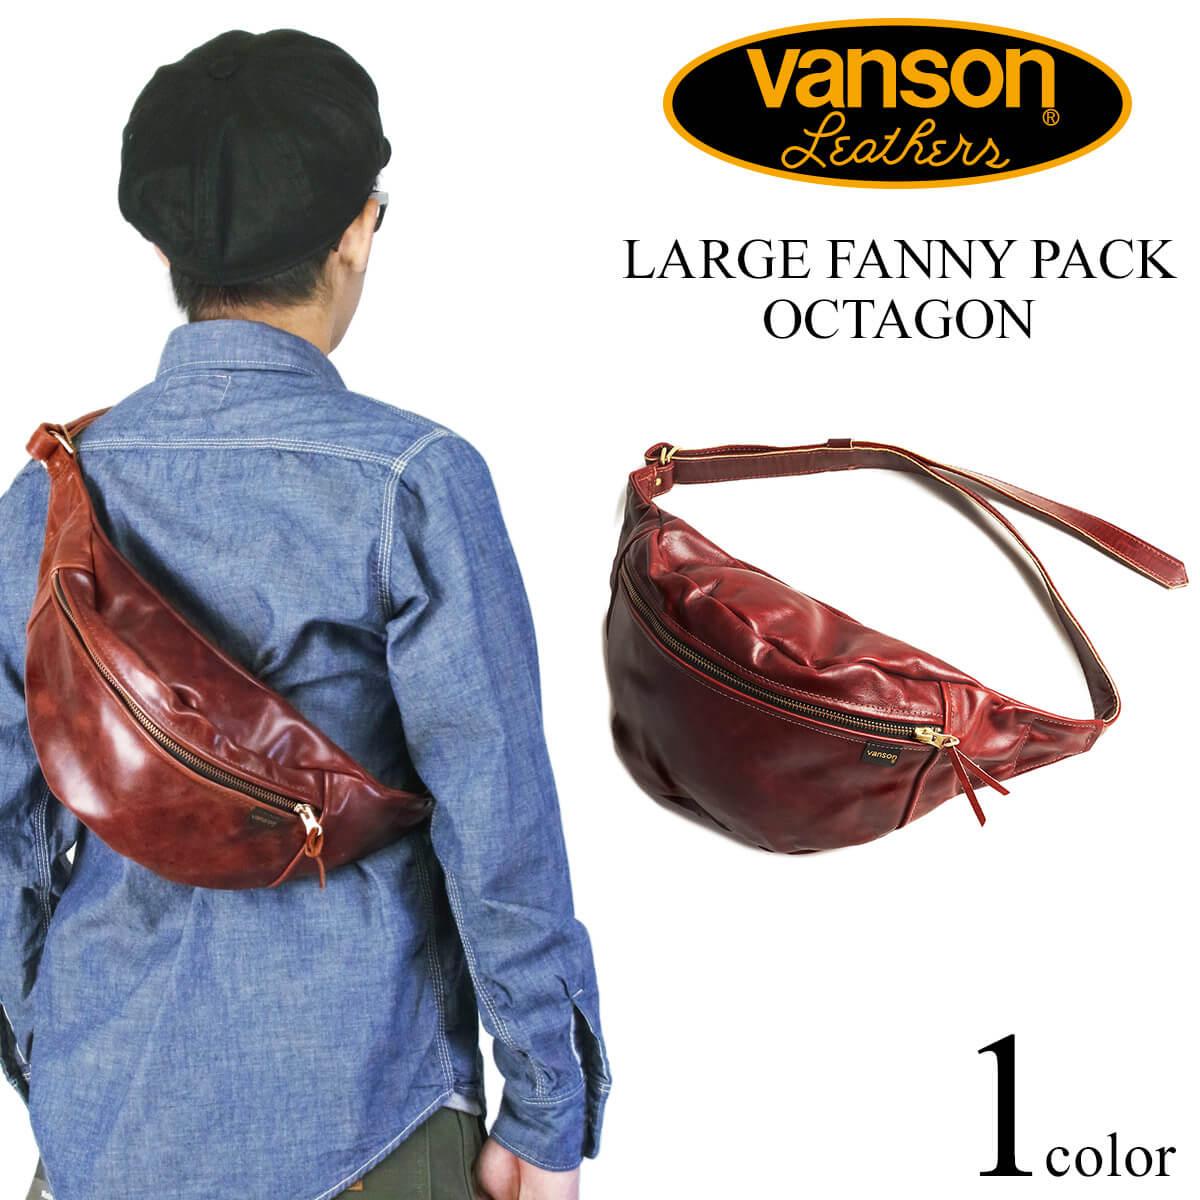 バンソン VANSON レザー ポーチ ラージ ファニーパック オクタゴン(LARGE FANNY PACK)